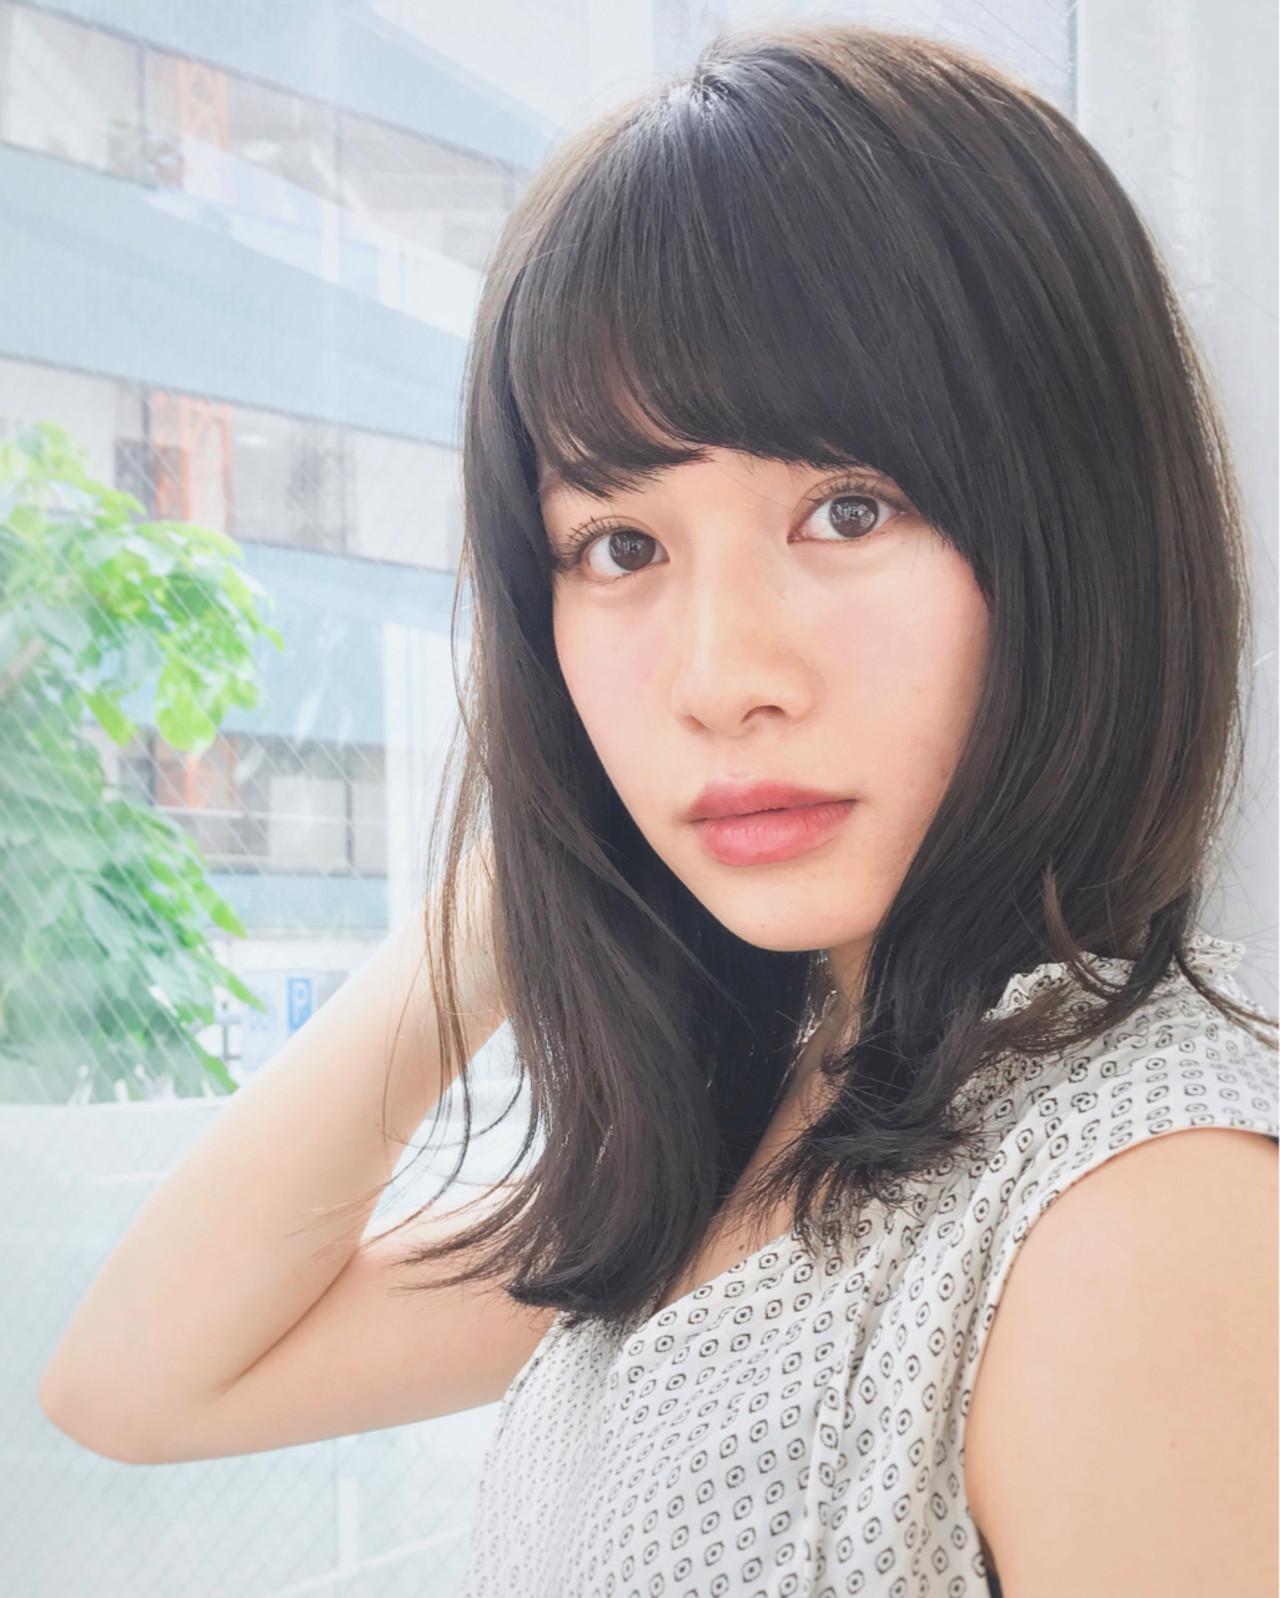 【顔型診断】顔の形で分かる!自分に似合う髪型って何?♡ GARDEN harajyuku 細田 | GARDEN harajyuku